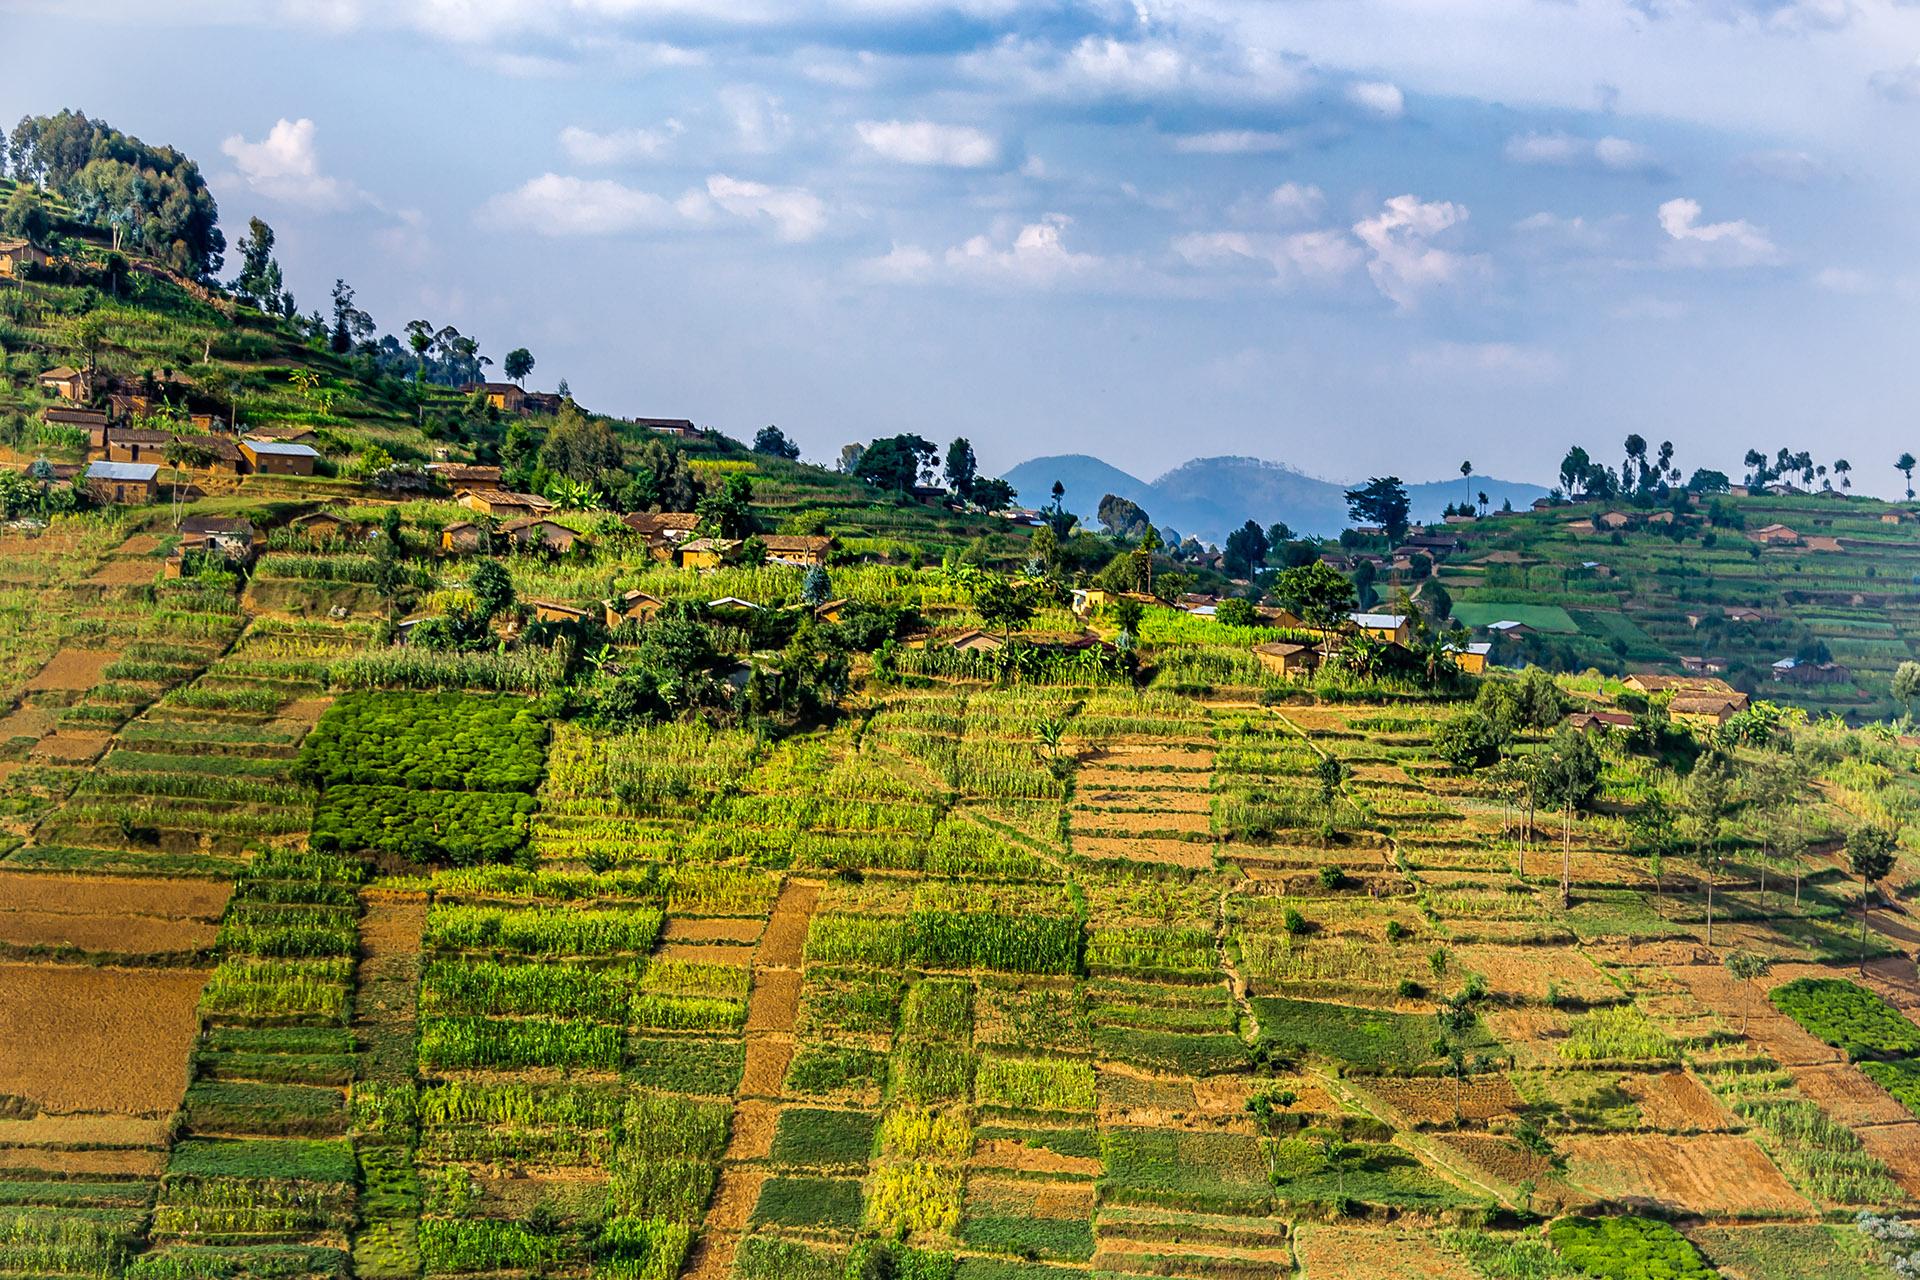 El turismo de Rwanda está en auge, en gran parte debido al aumento de visitantes al Parque Nacional de los Volcanes, uno de los últimos lugares restantes en la tierra donde los viajeros pueden vislumbrar al gorila de montaña en peligro de extinción